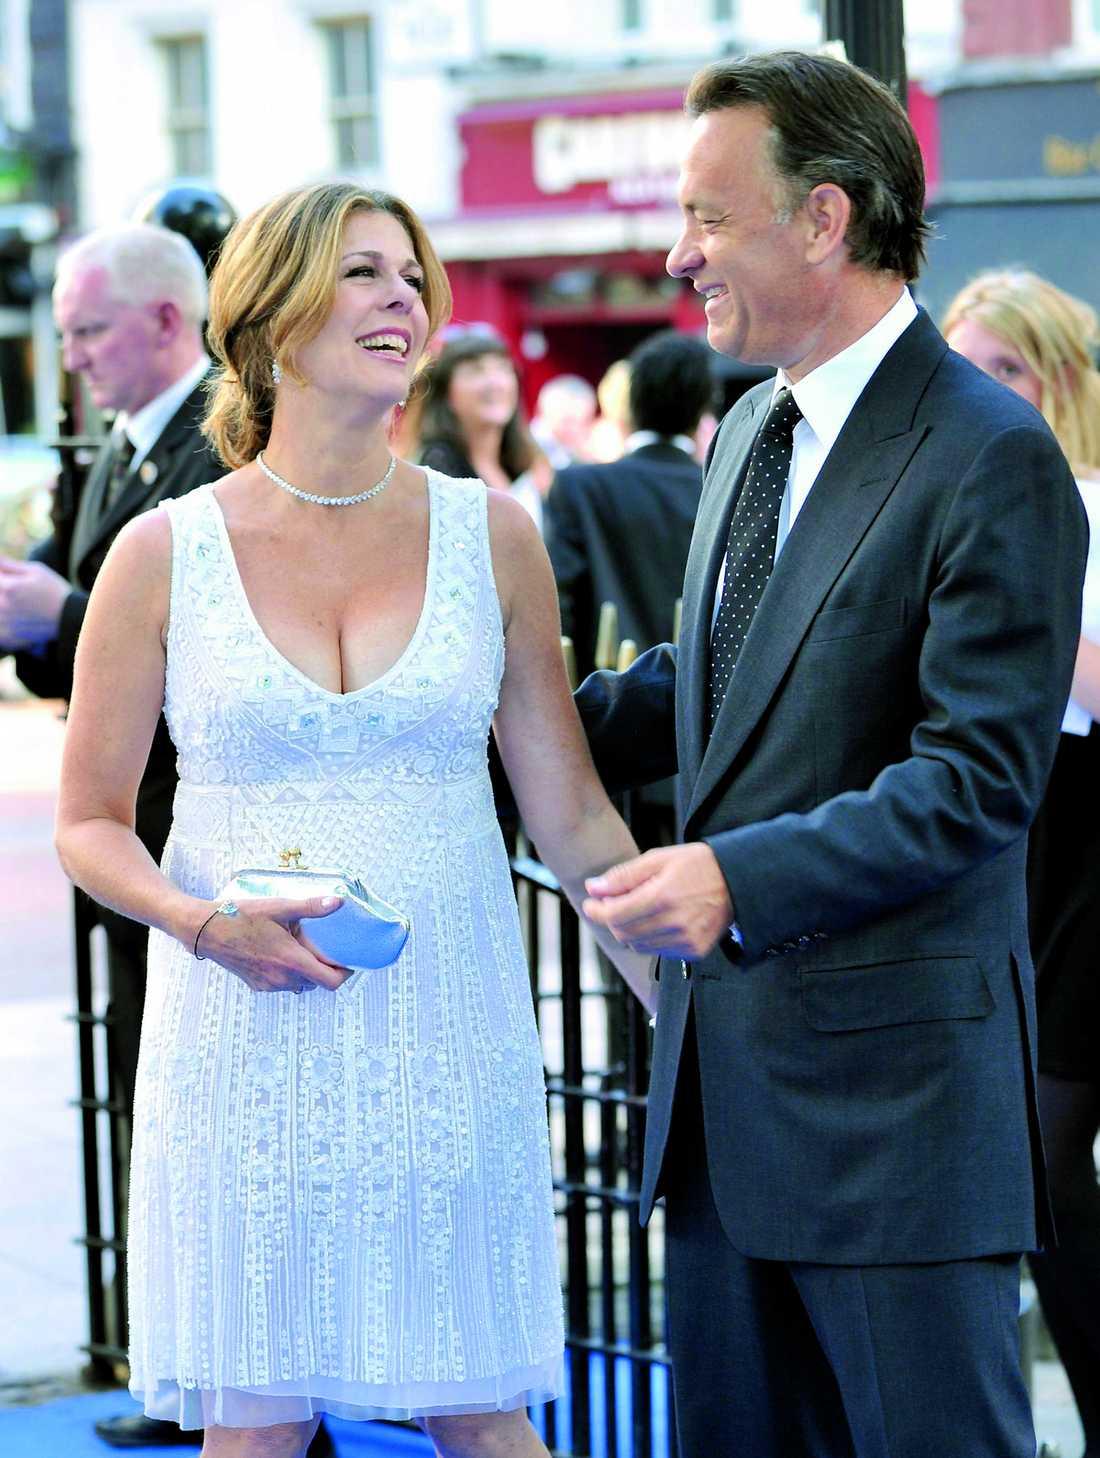 Ett av Hollywoods äldsta radarpar - Tom Hanks och Rita Wilson. De har lyckats kombinera karriär och kärlek och har nu varit gifta i tjugo år.